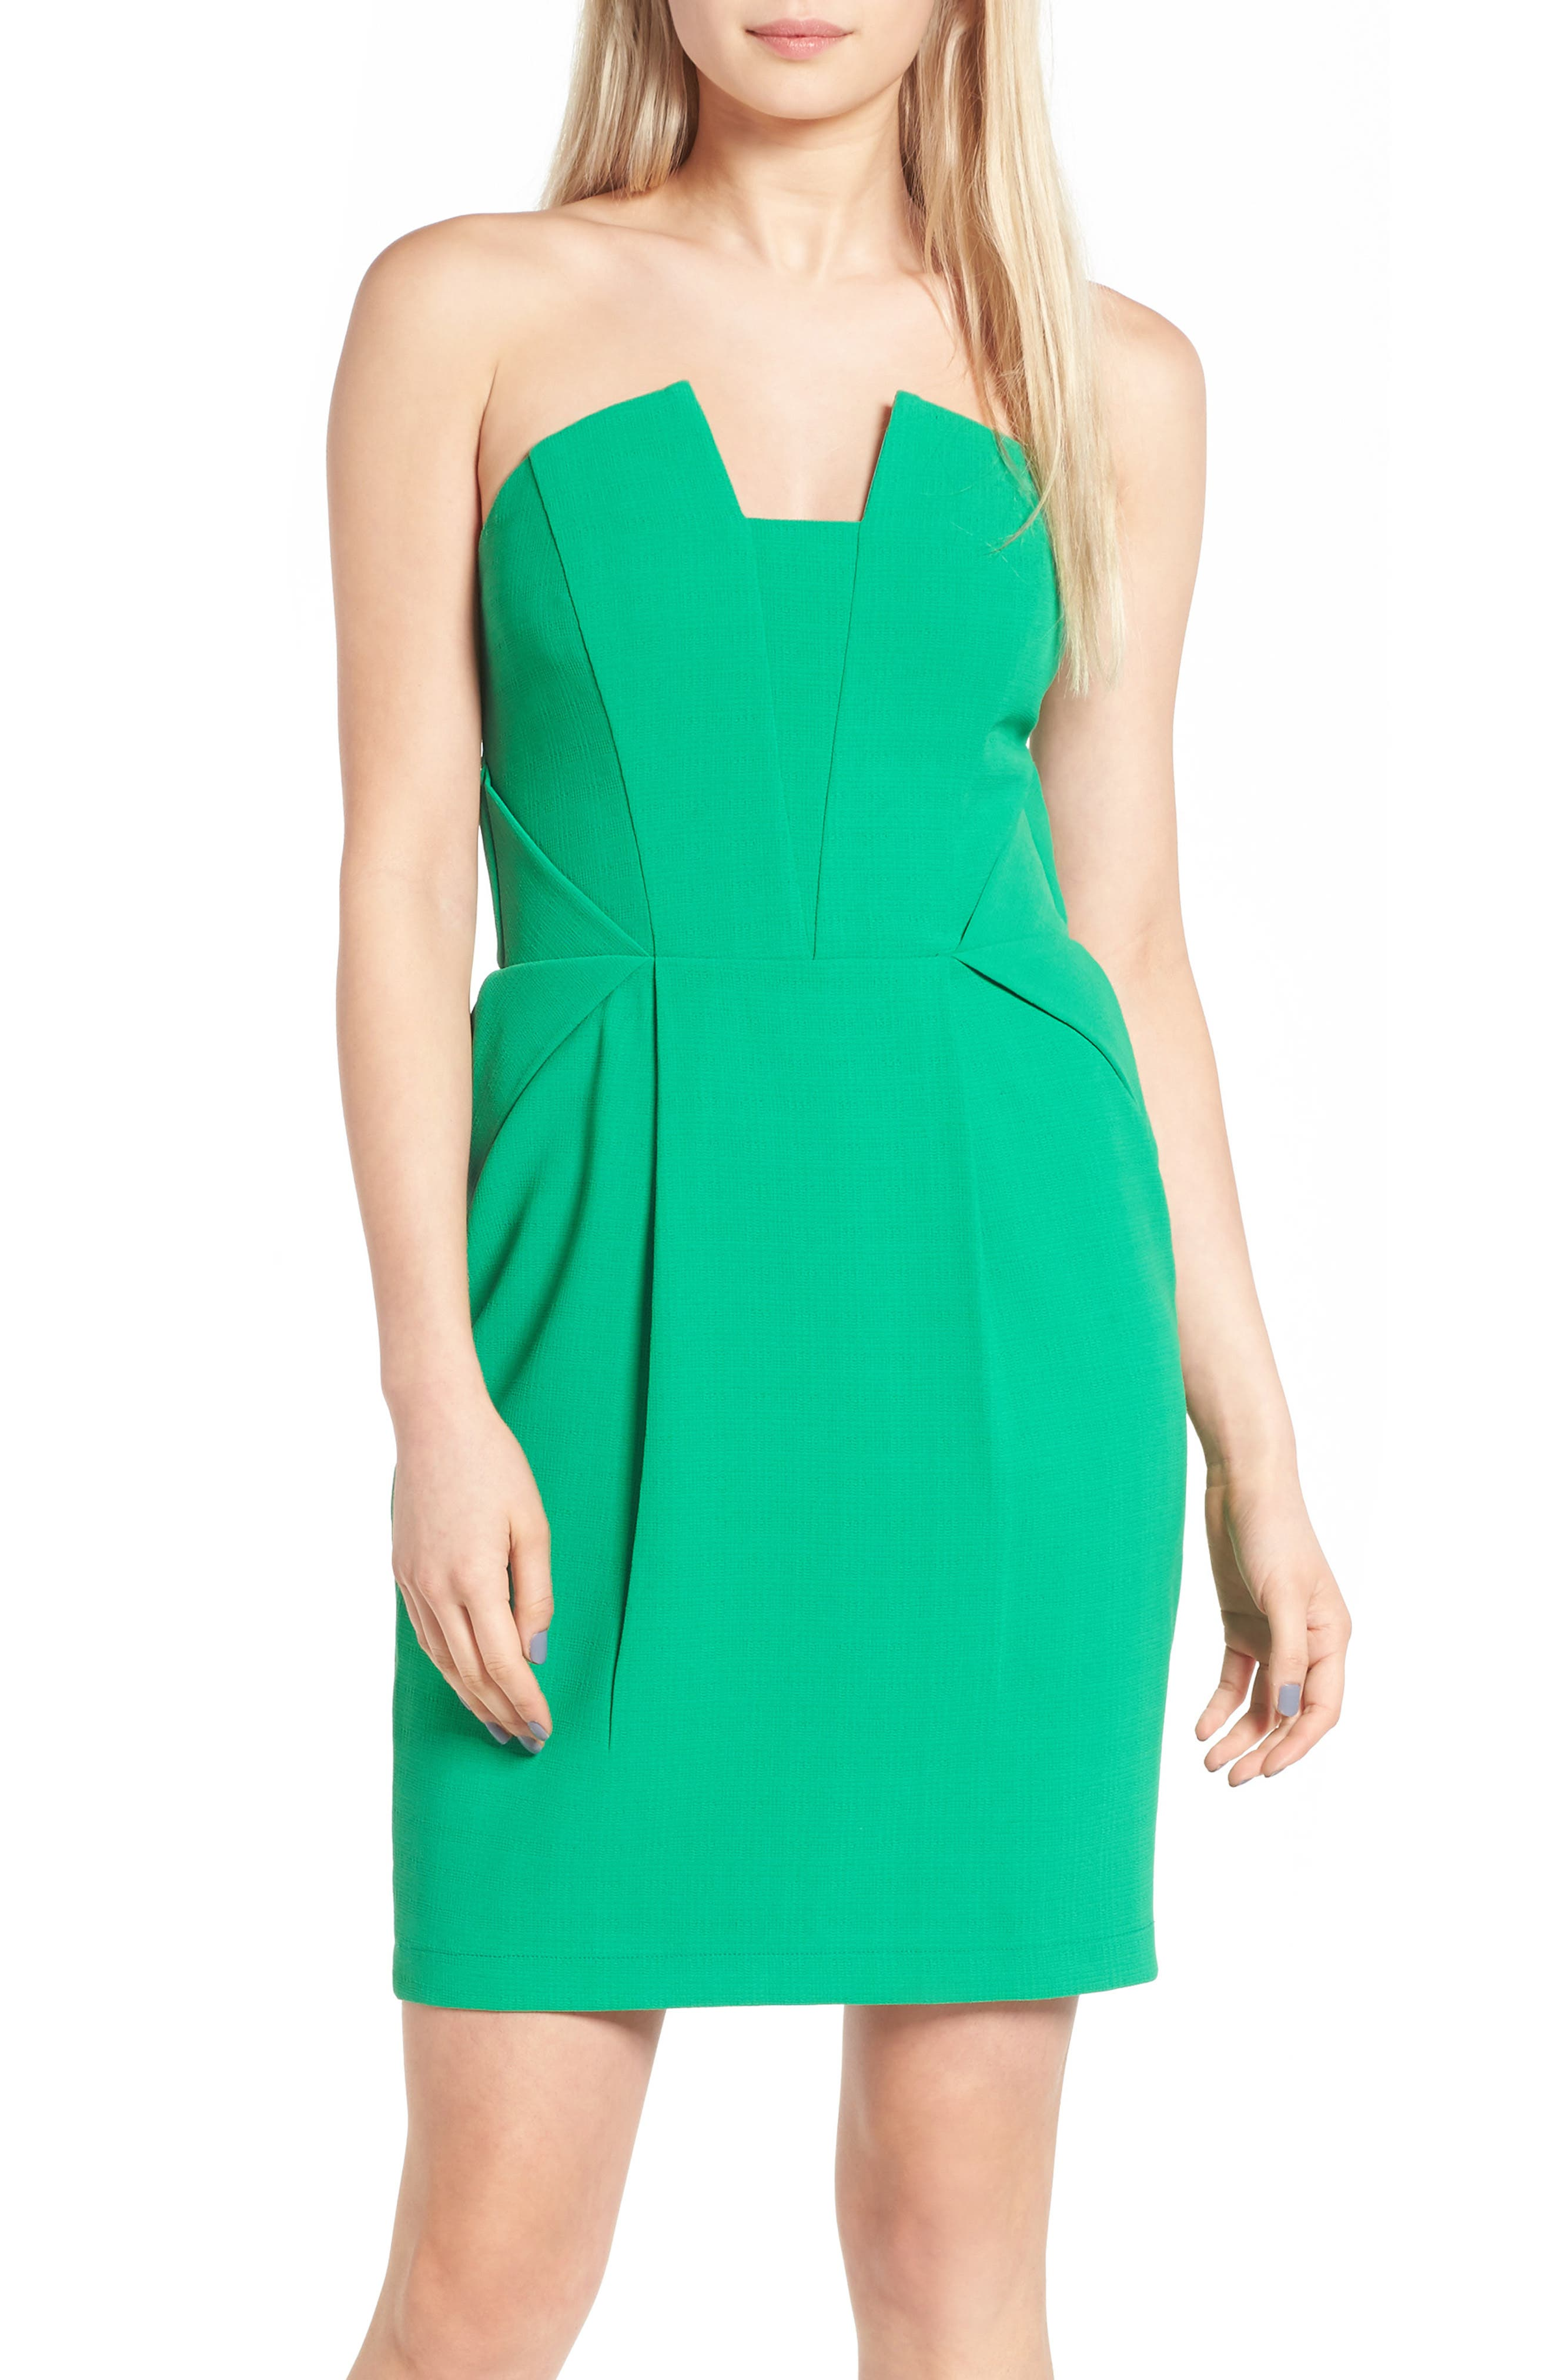 ADELYN RAE Rosalyn Sheath Dress